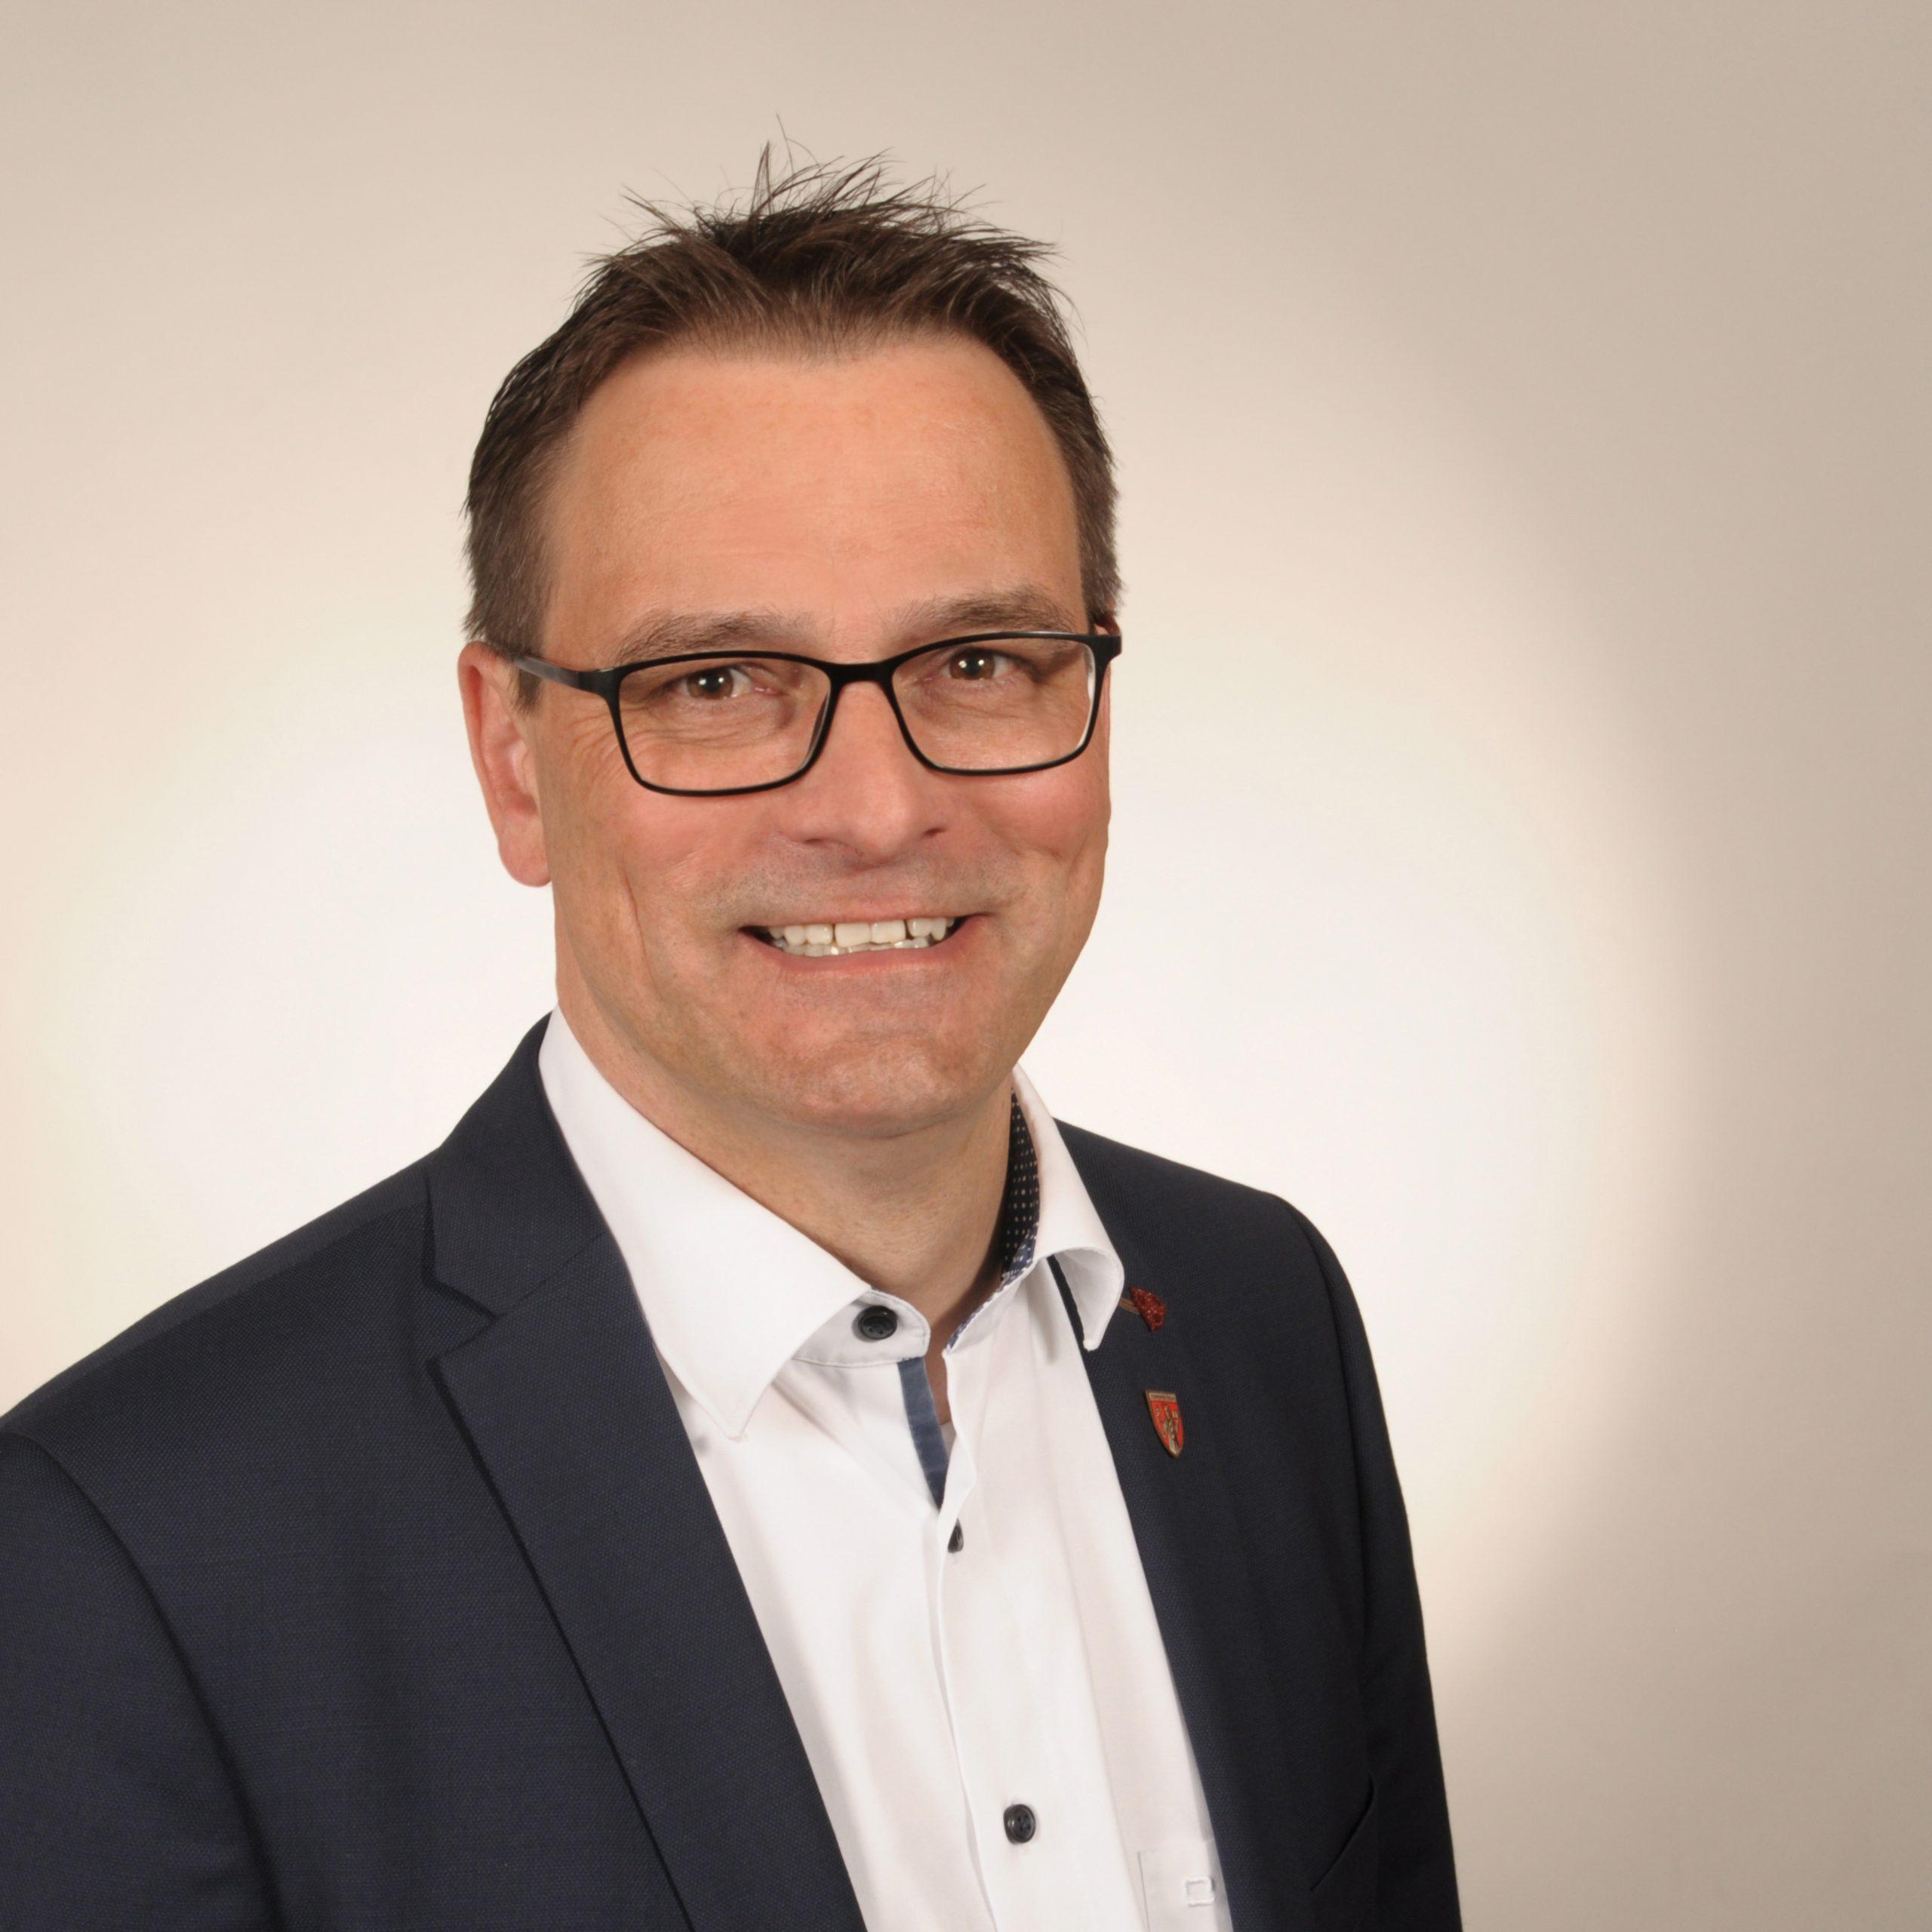 Stefan Imbusch